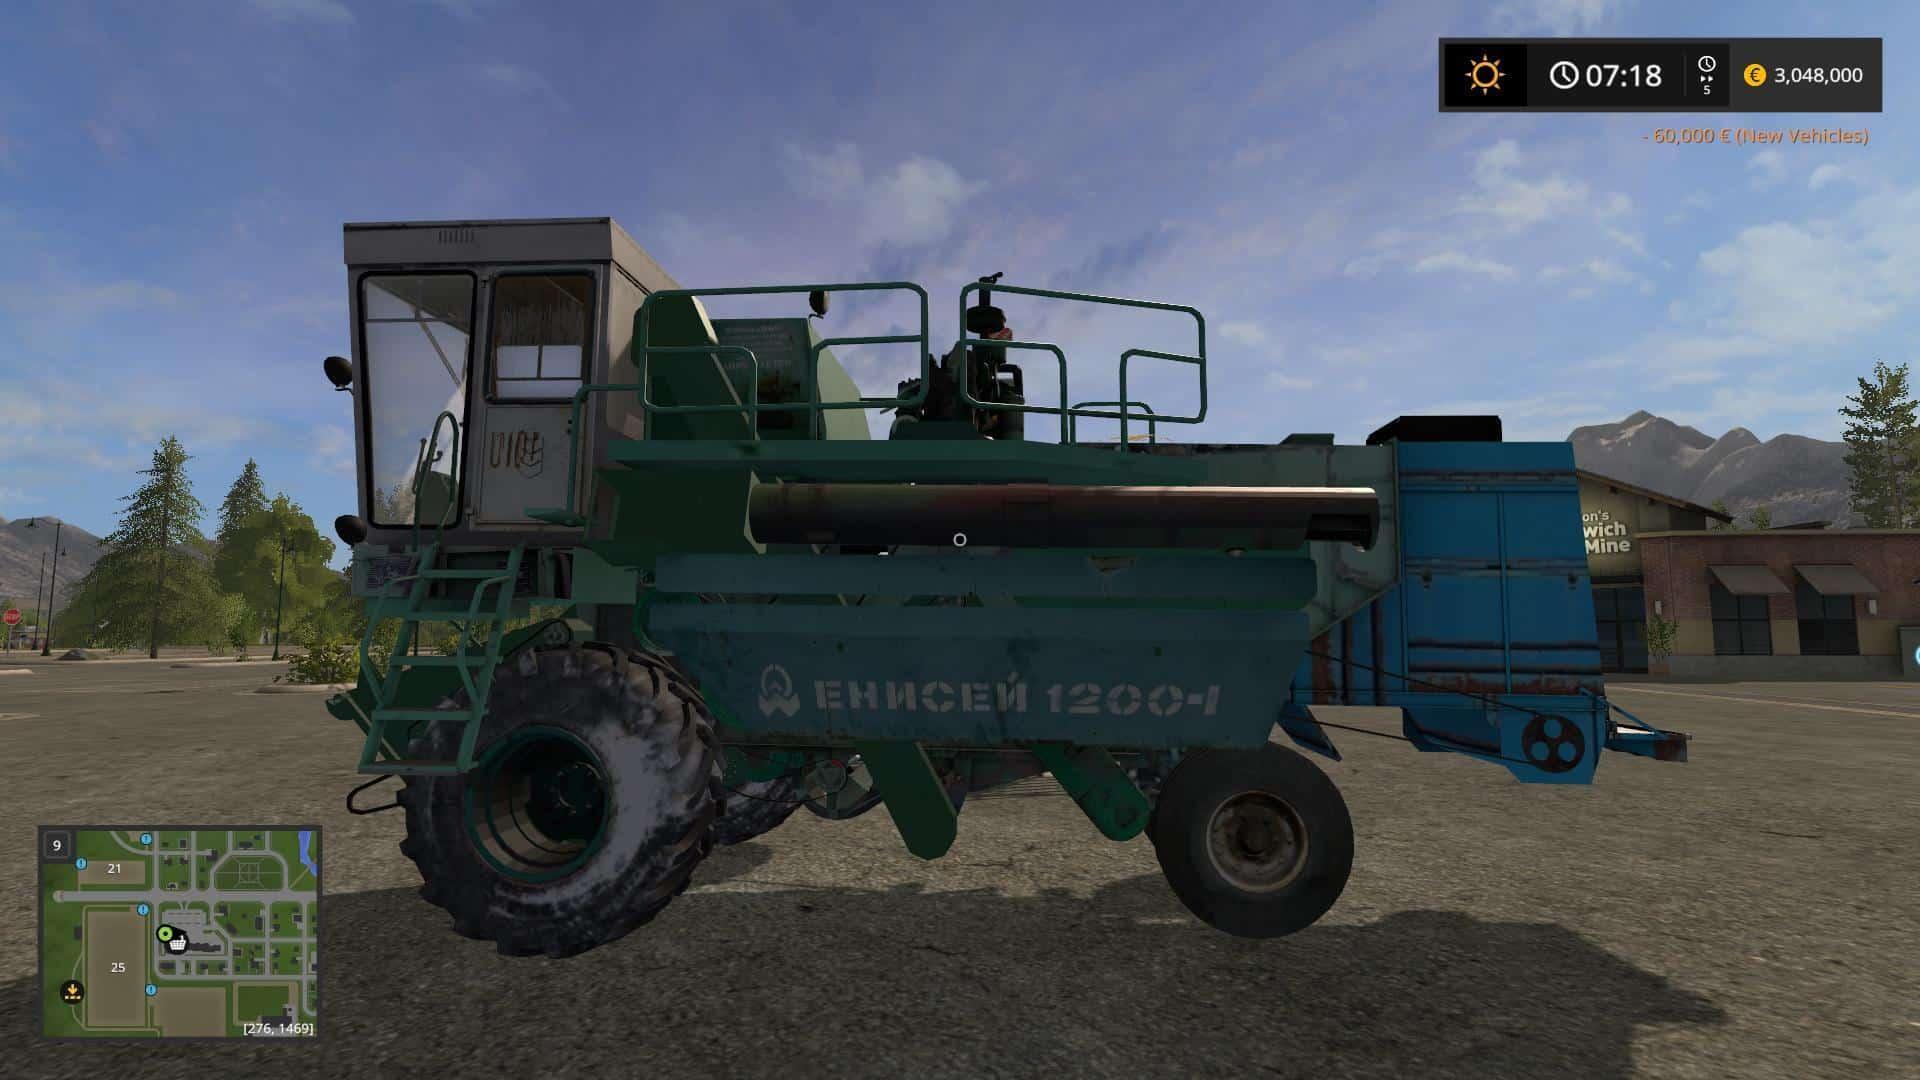 Yenisei 1200 with reaper and kopnitelem v1.1